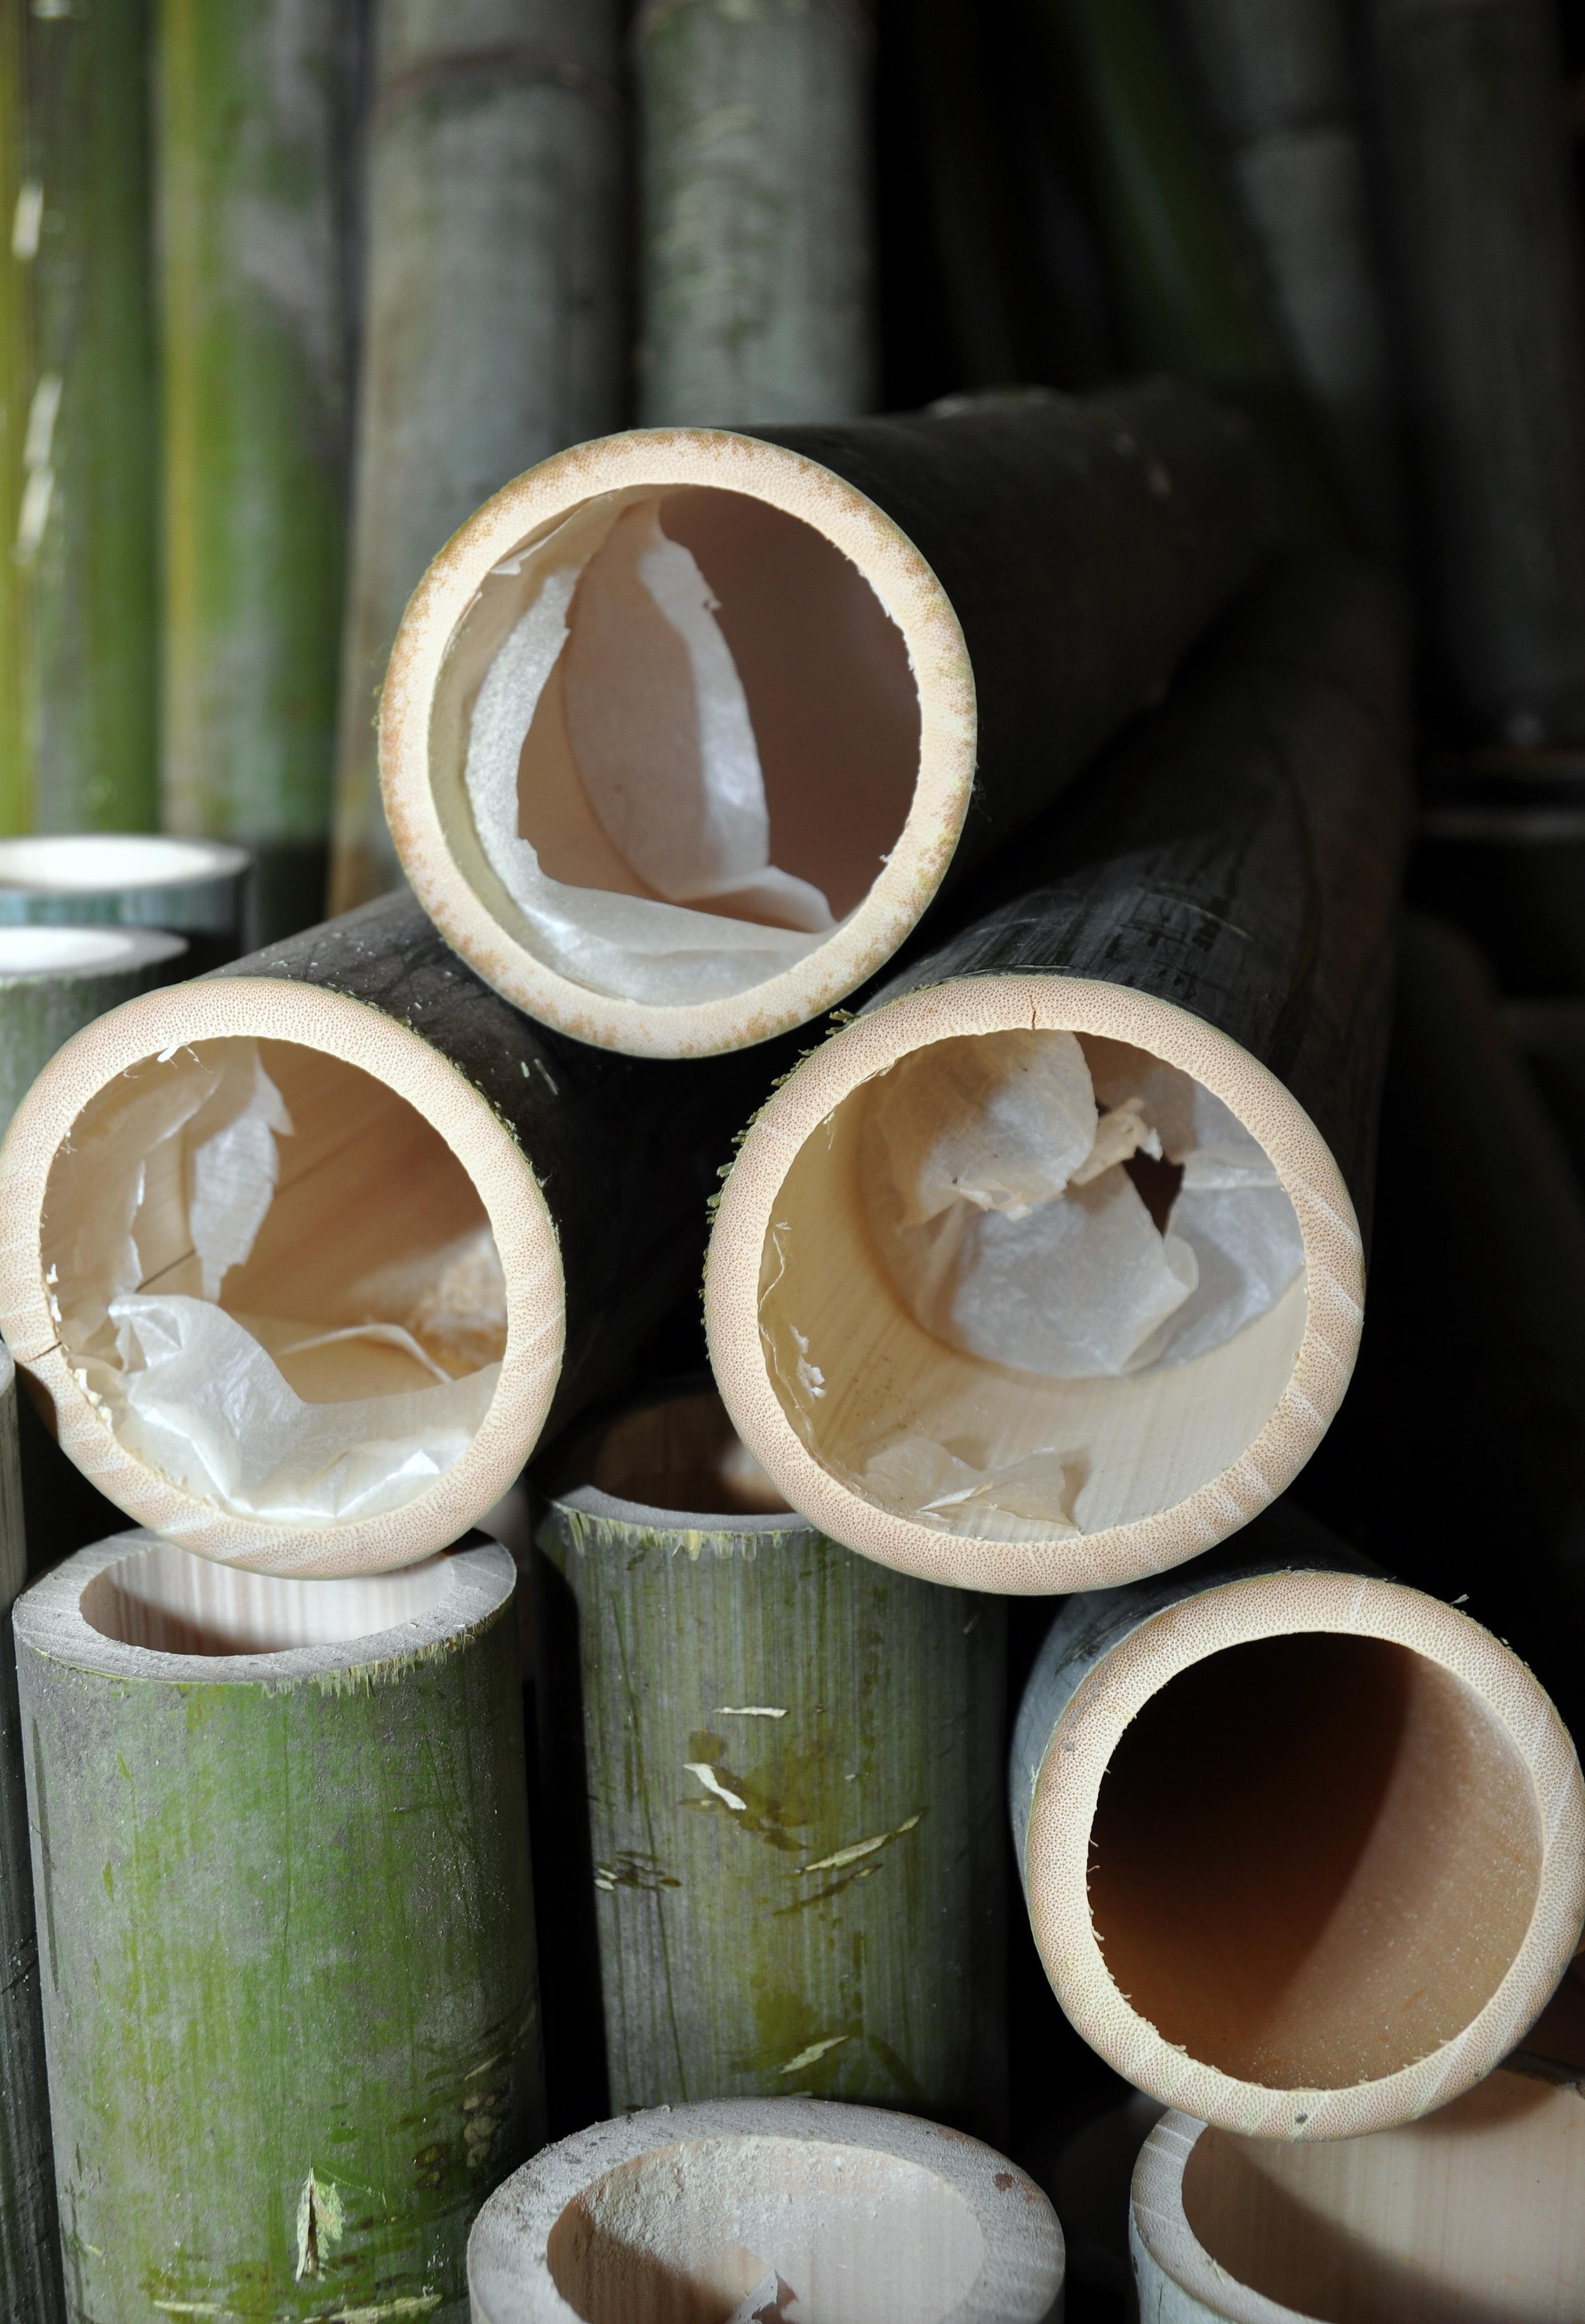 Langs de binnenkant van de bamboekokers zit van nature een vel. Dit vel is zeer rijk aan zwavel.